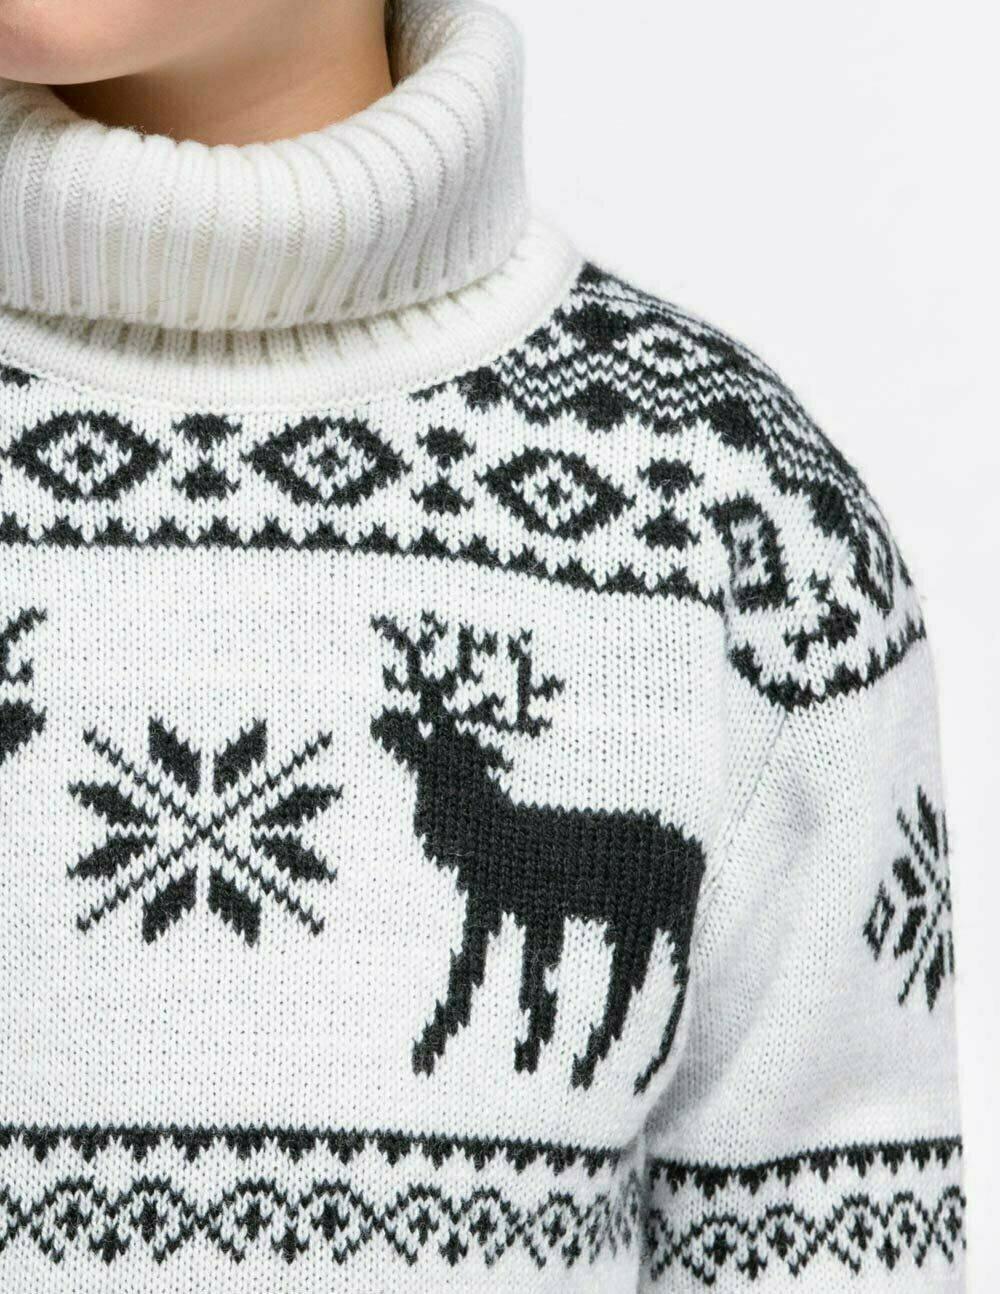 ту, свитер с оленями смешные картинки фото правильно заполненного